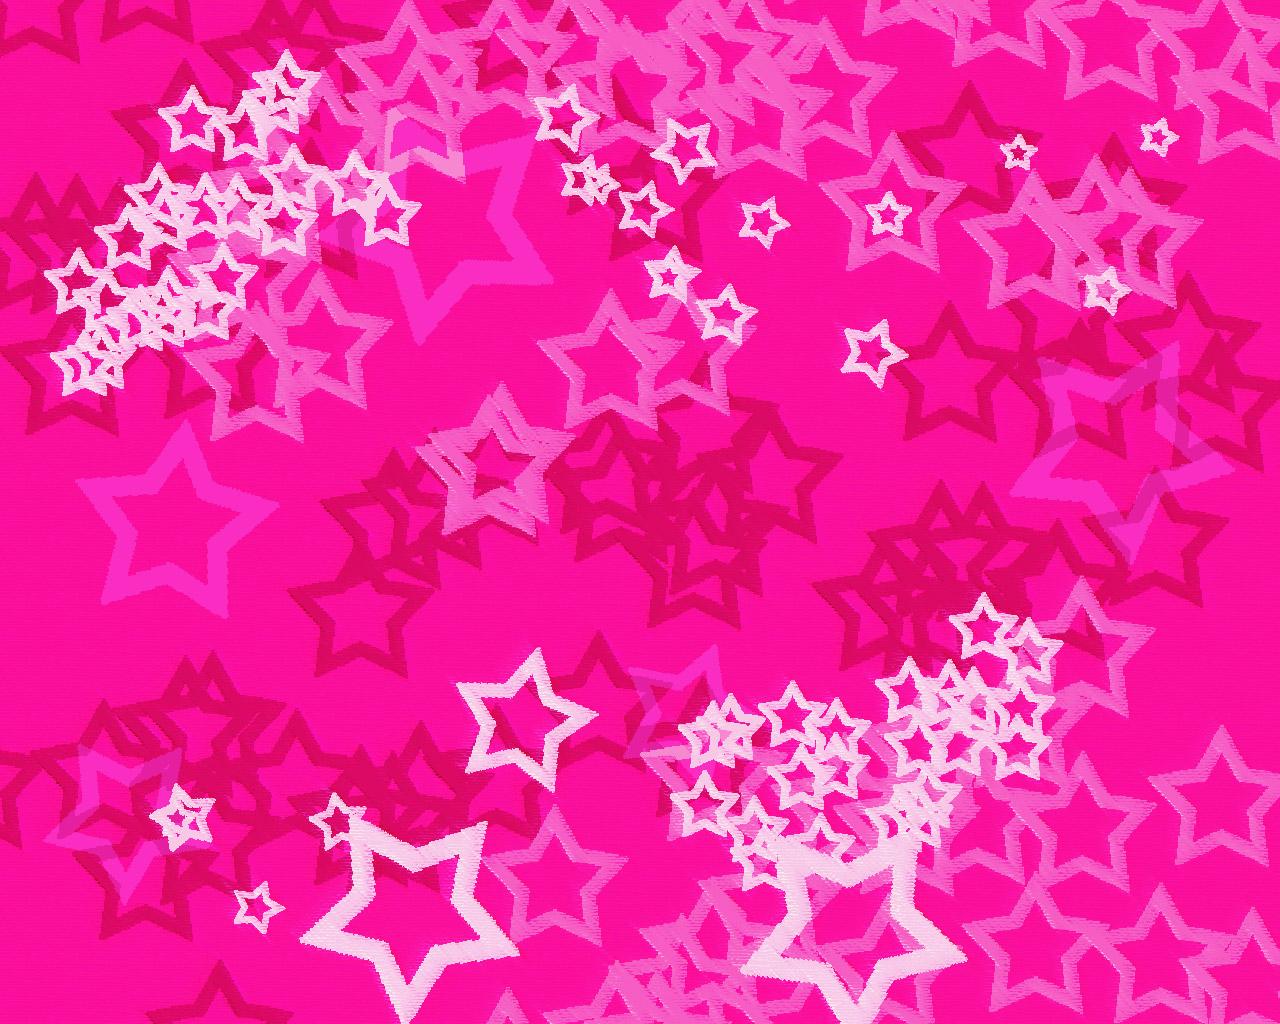 http://1.bp.blogspot.com/-TLsKdXLlFrg/TolsmkDoYmI/AAAAAAAAFS0/QwnepPN6YGc/s1600/cute%20pink%20wallpaper%203.jpg